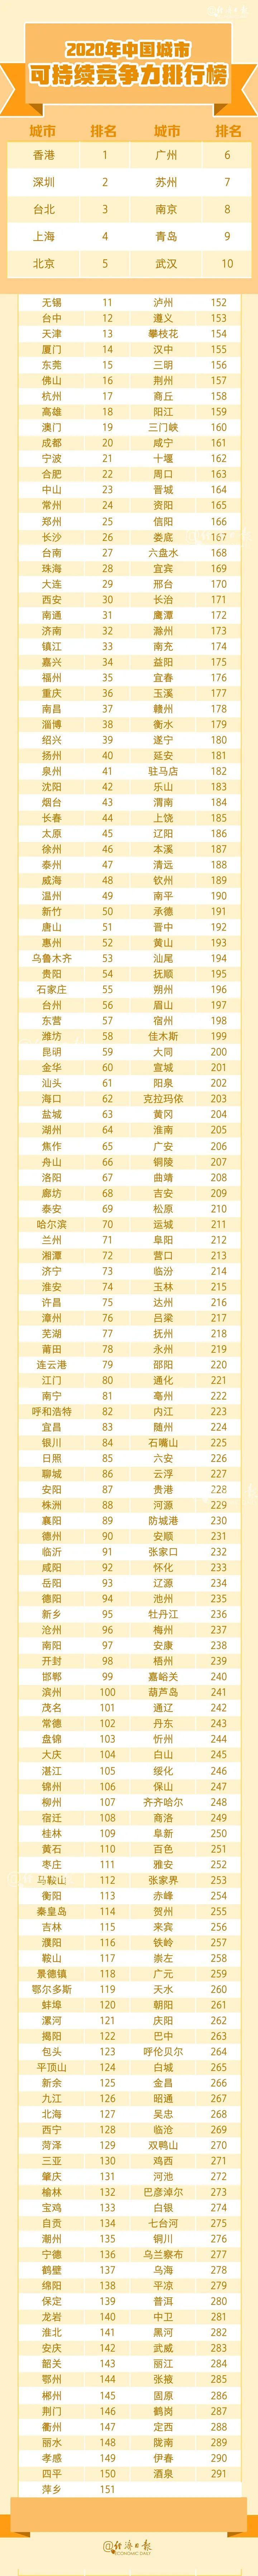 独家!快看你的城排第几?中国社科院与经济日报社重磅发布中国城市竞争力报告